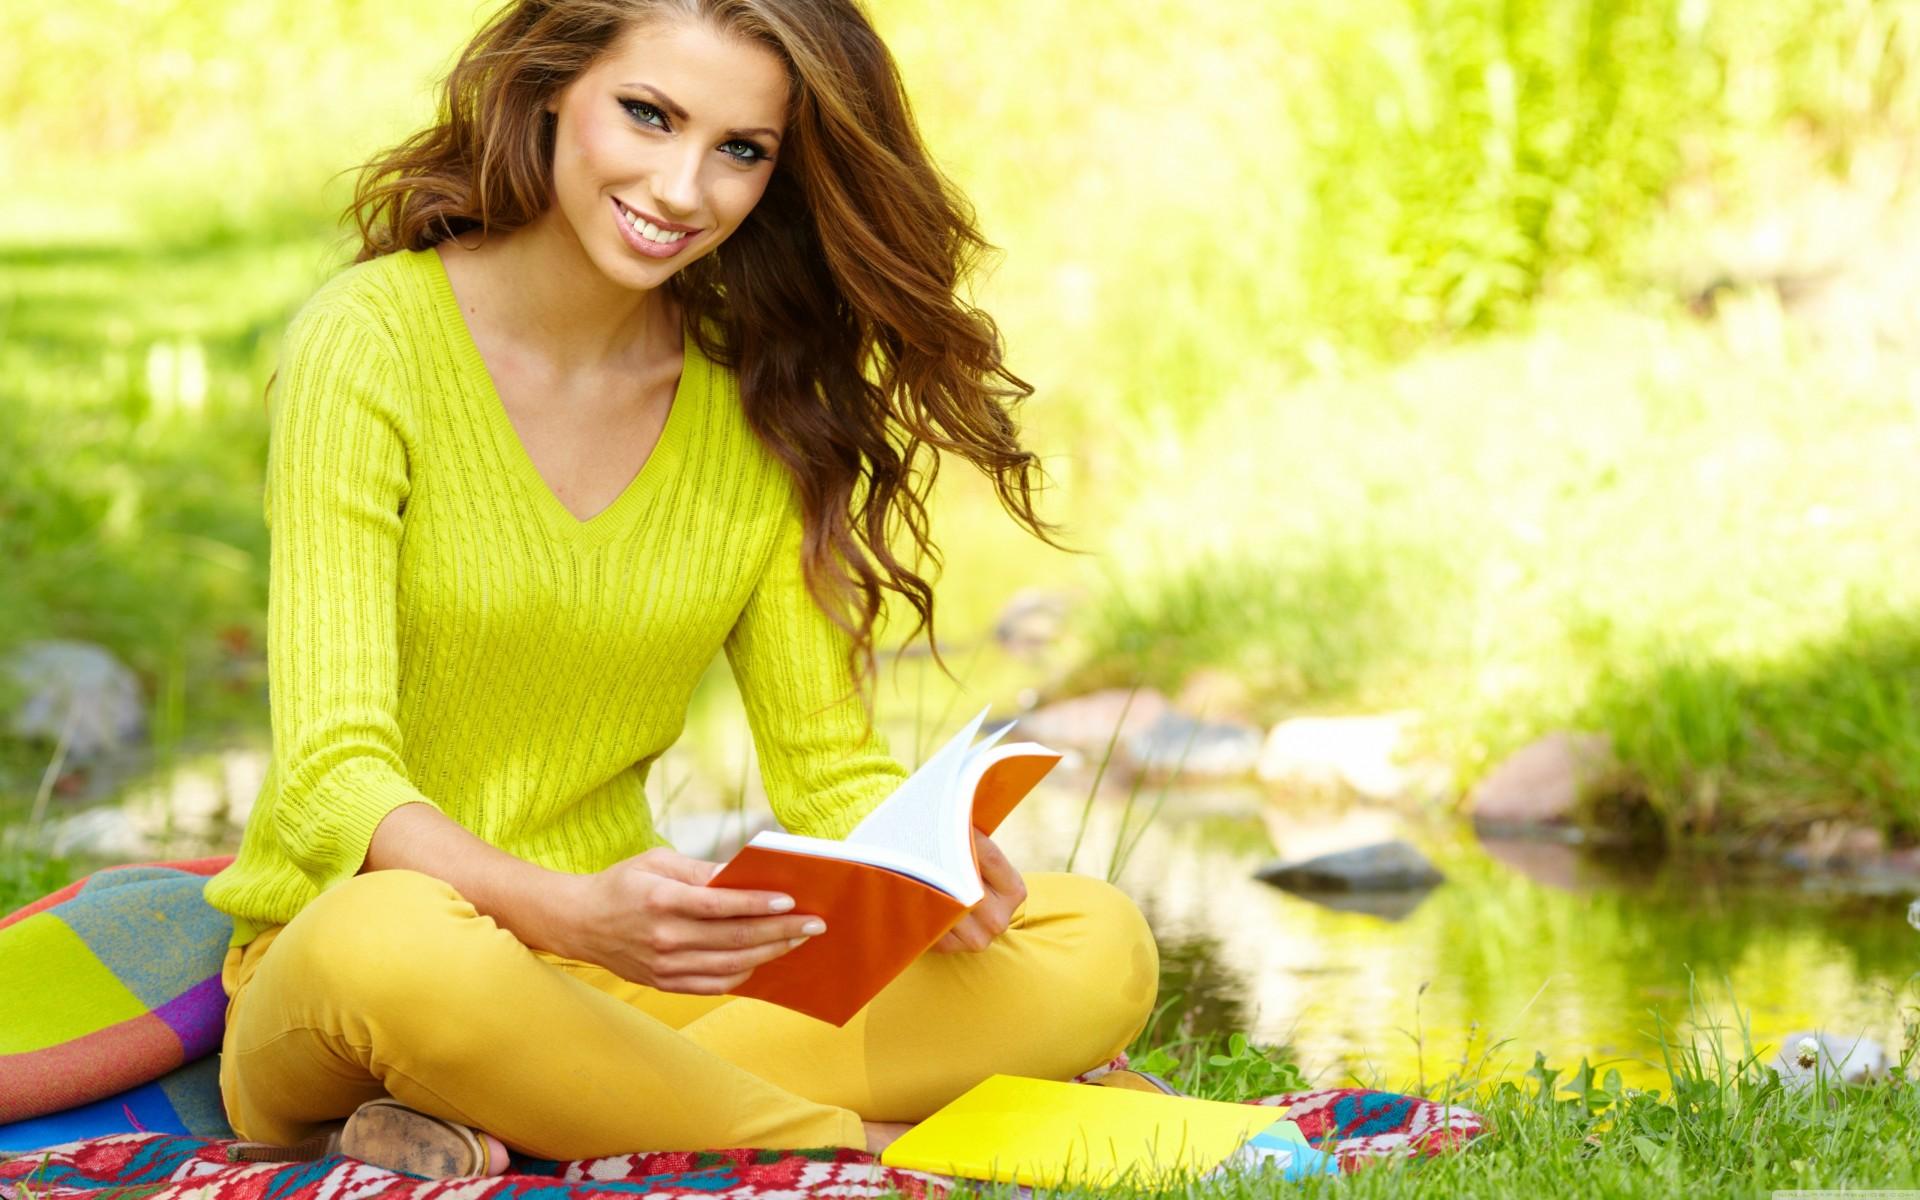 Как полюбить себя и начать жить новой счастливой и радостной жизнью